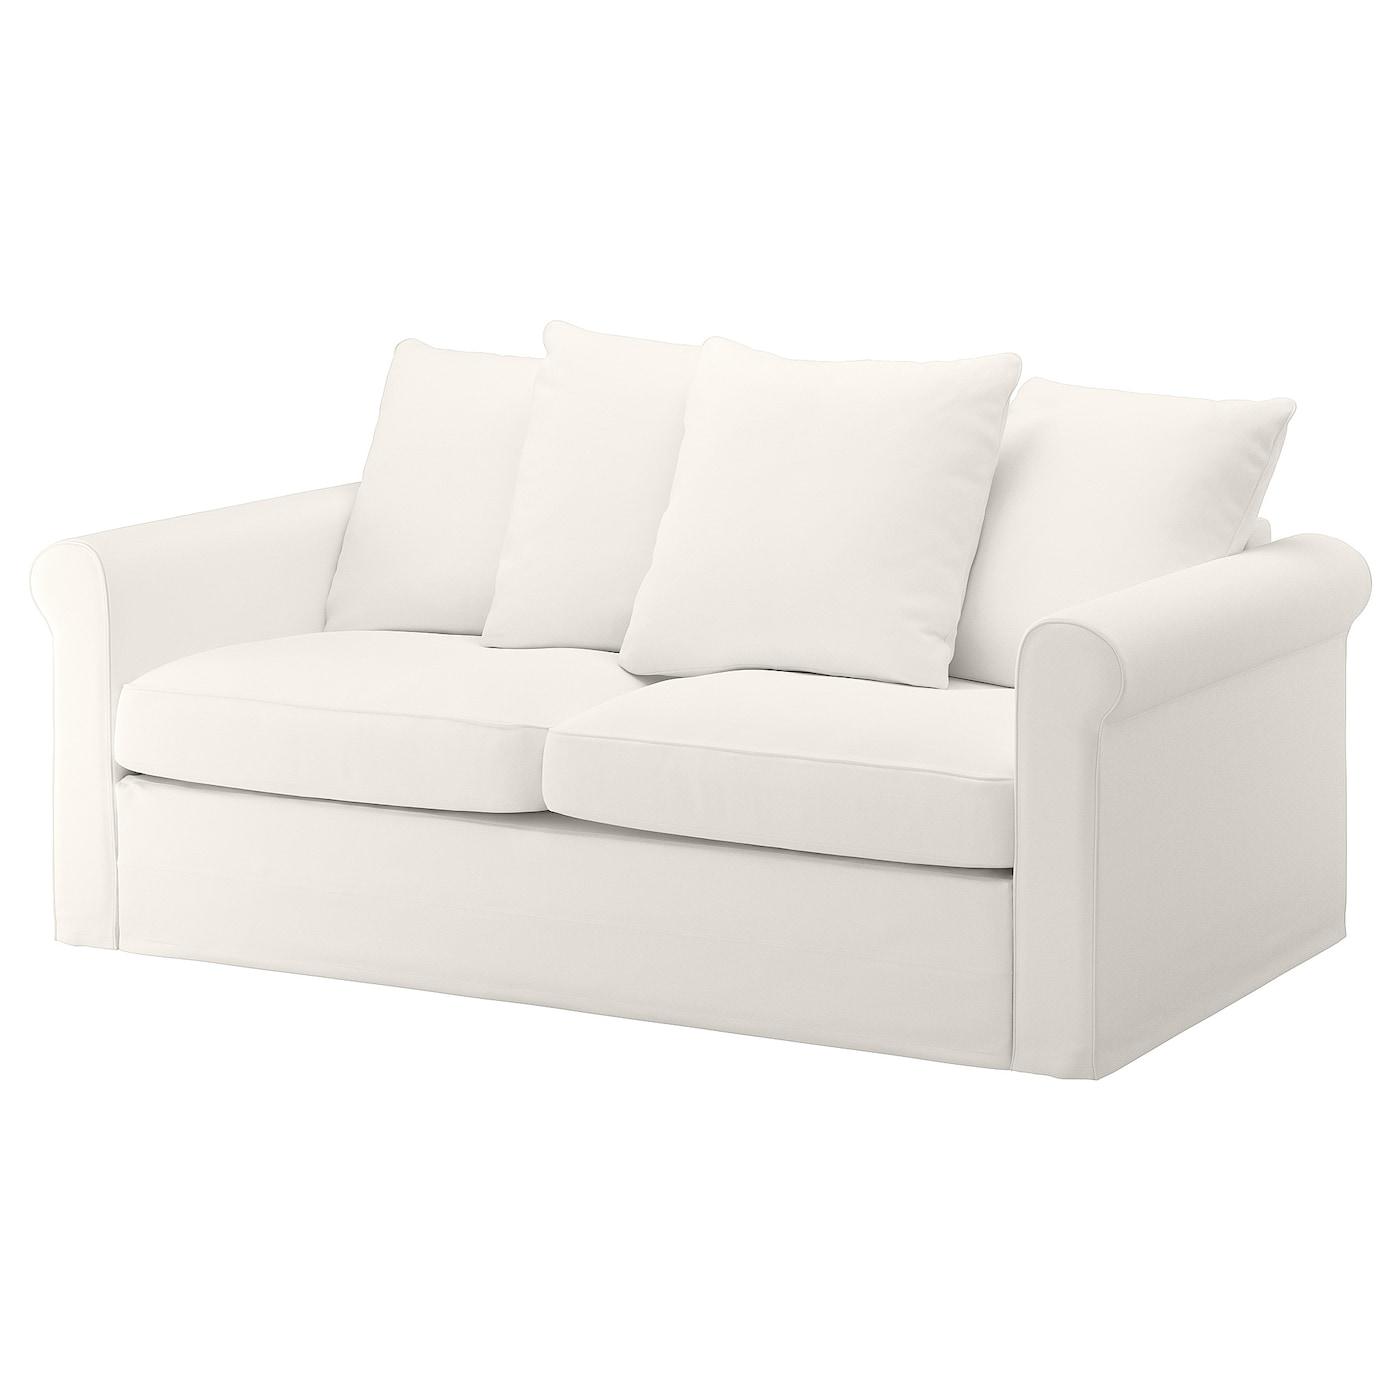 GrÖnlid 2 Seat Sofa Bed Inseros White